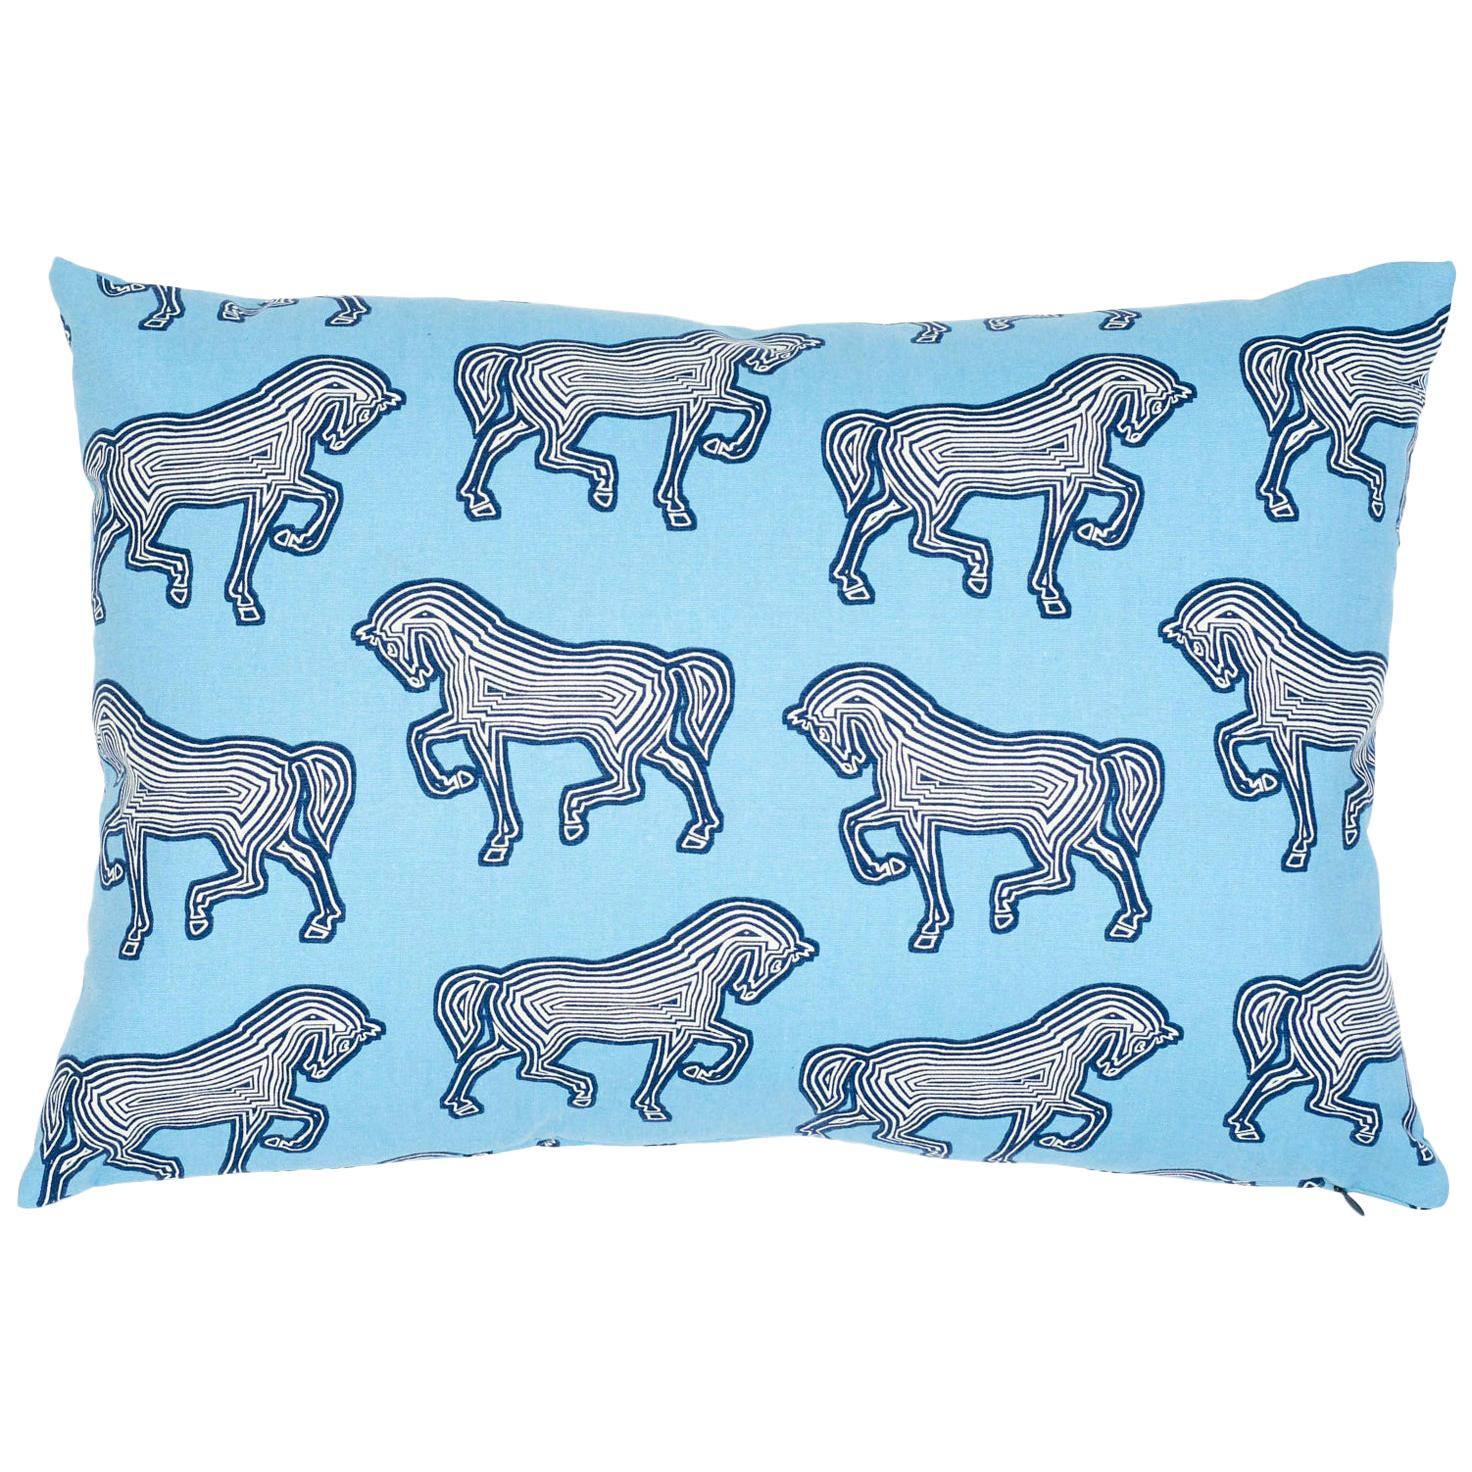 Schumacher Faubourg Blue Two-Sided Cotton Lumbar Pillow